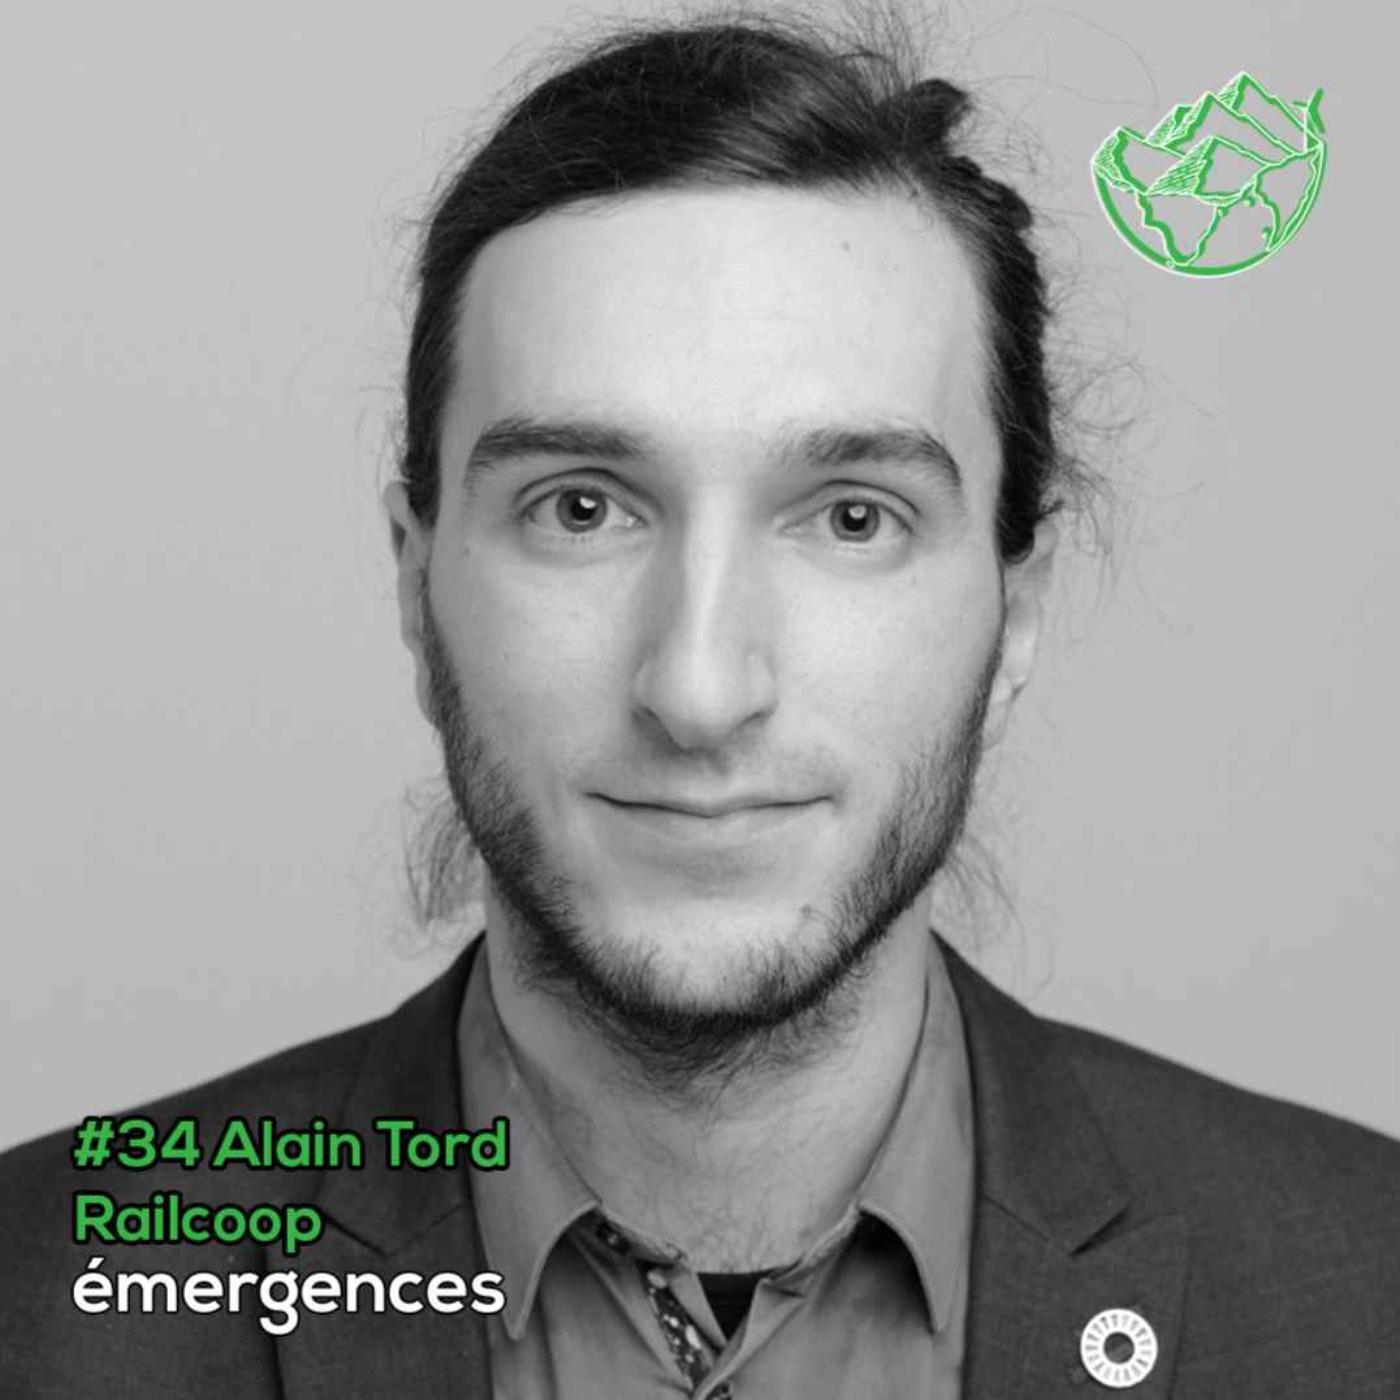 Emergences#34 – Alain Tord – Railcoop - Du monde associatif étudiant à administrateur d'une coopérative ferroviaire